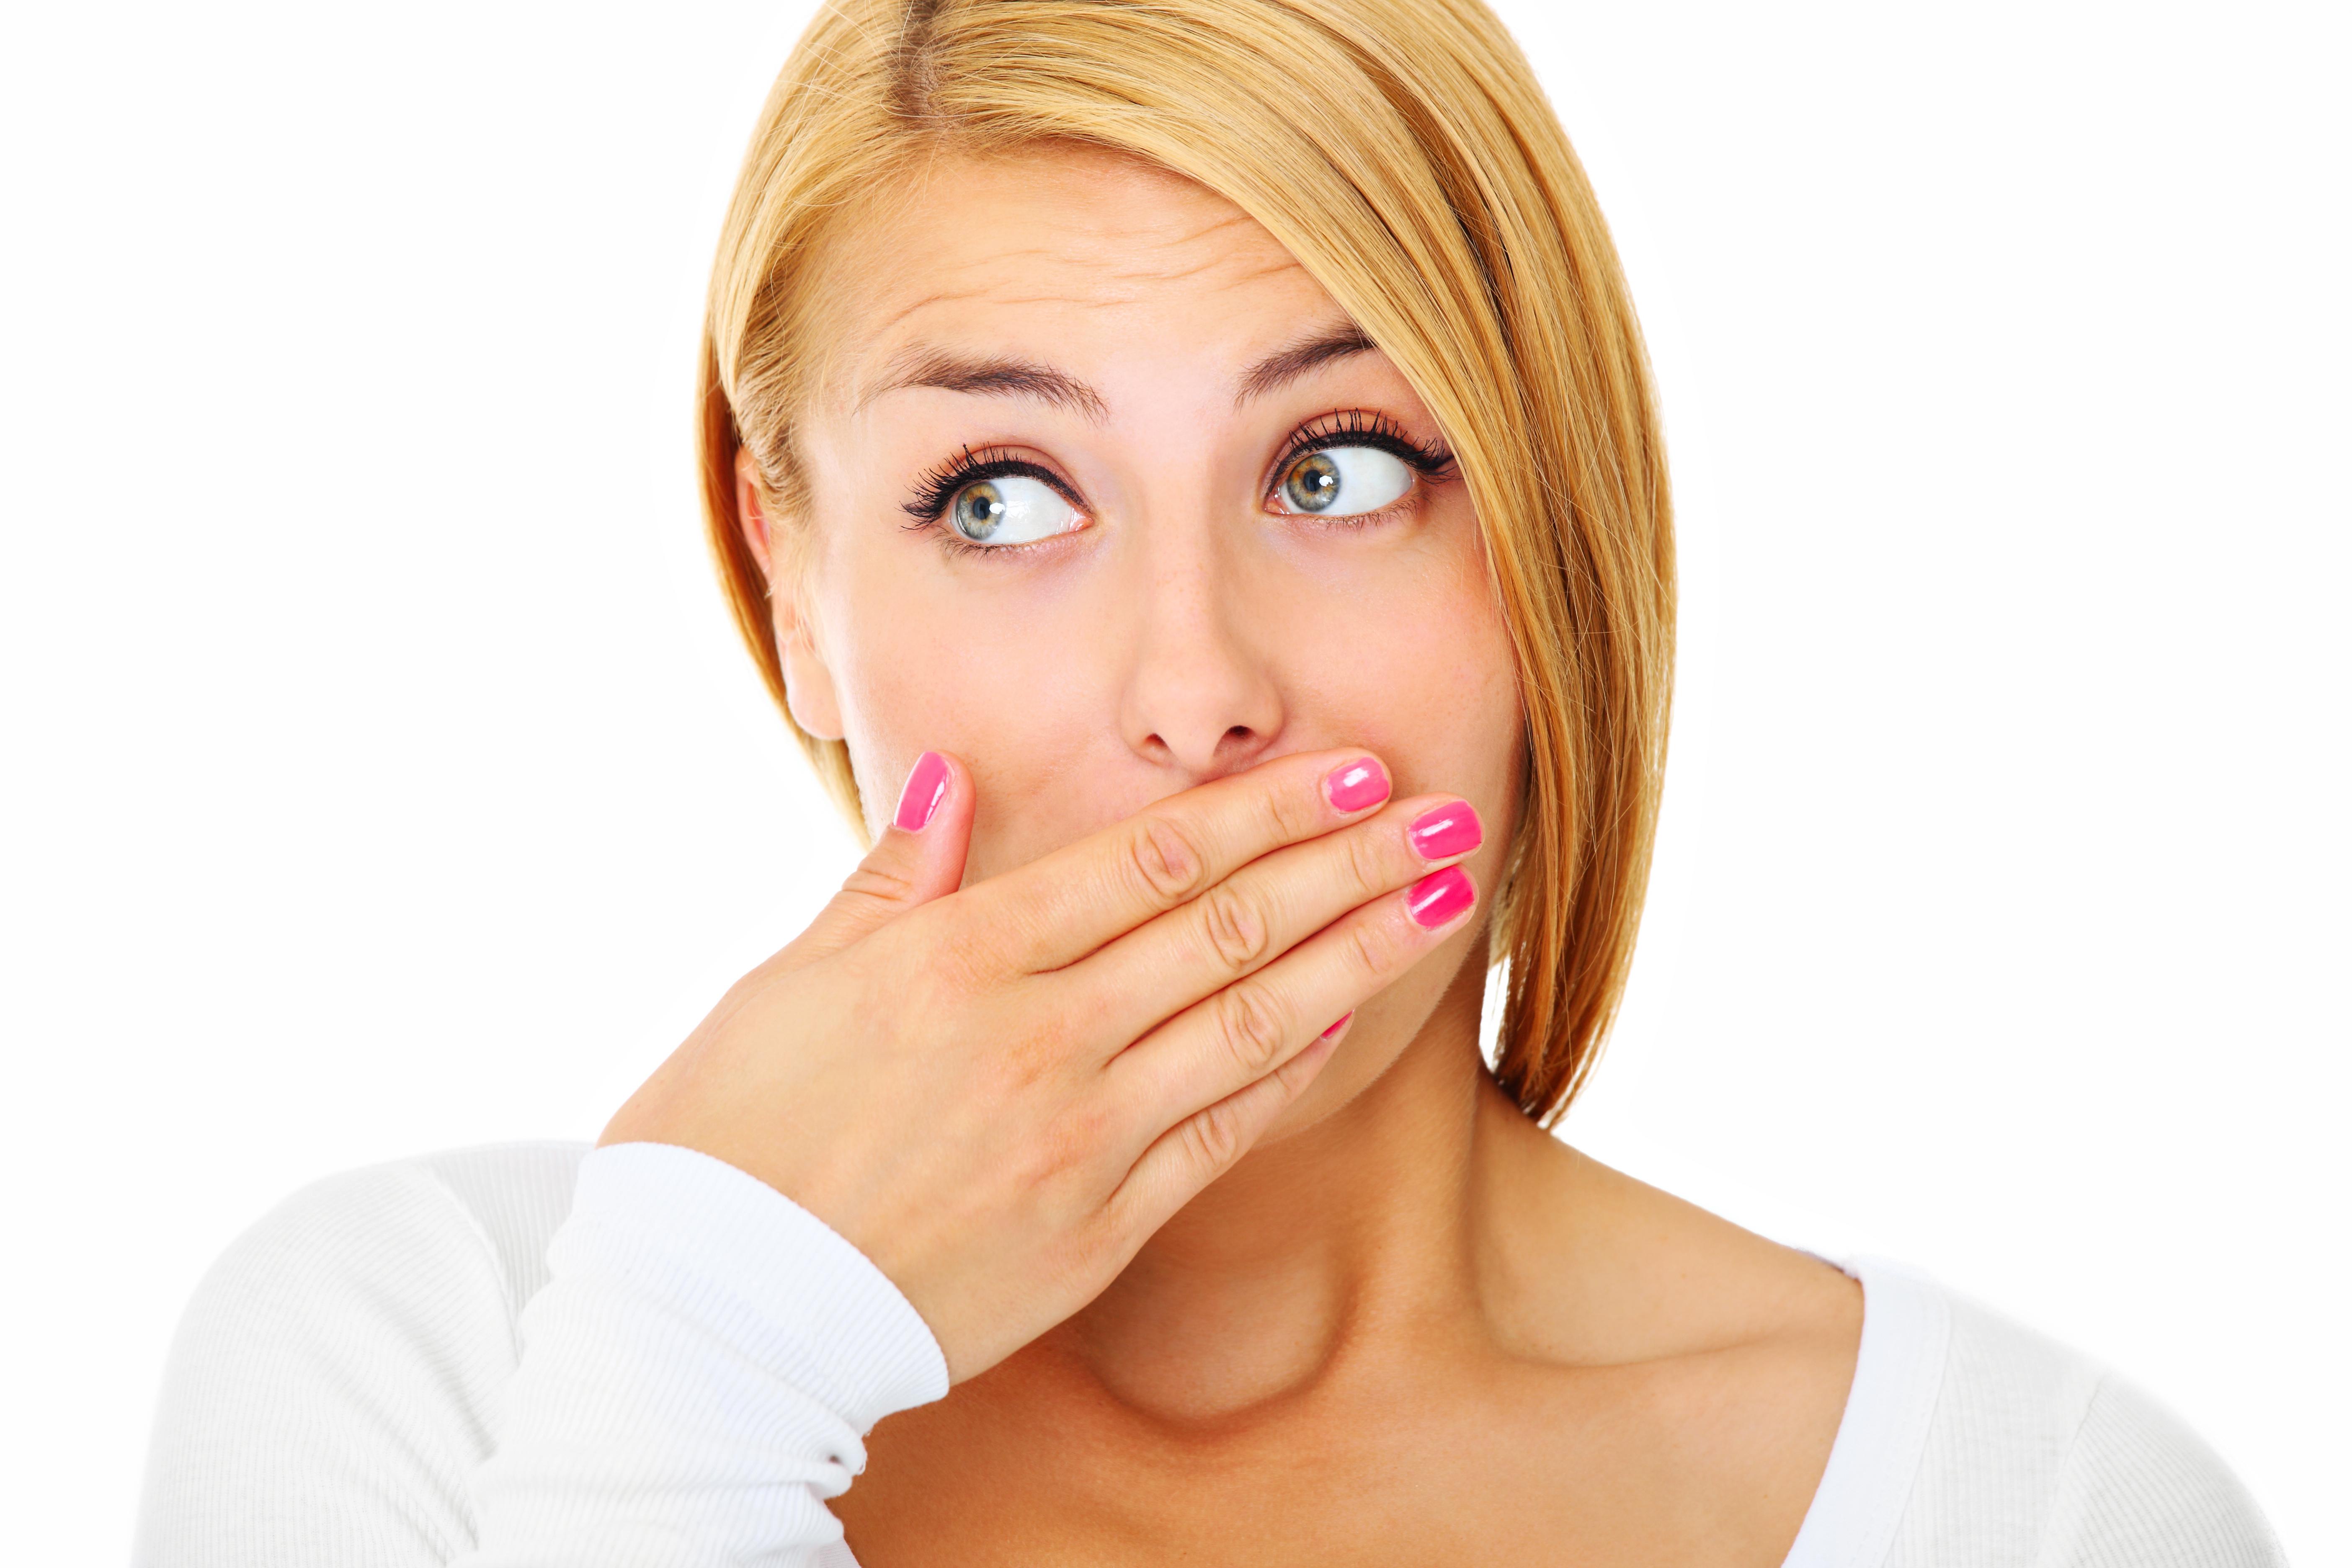 причины запаха изо рта у взрослых